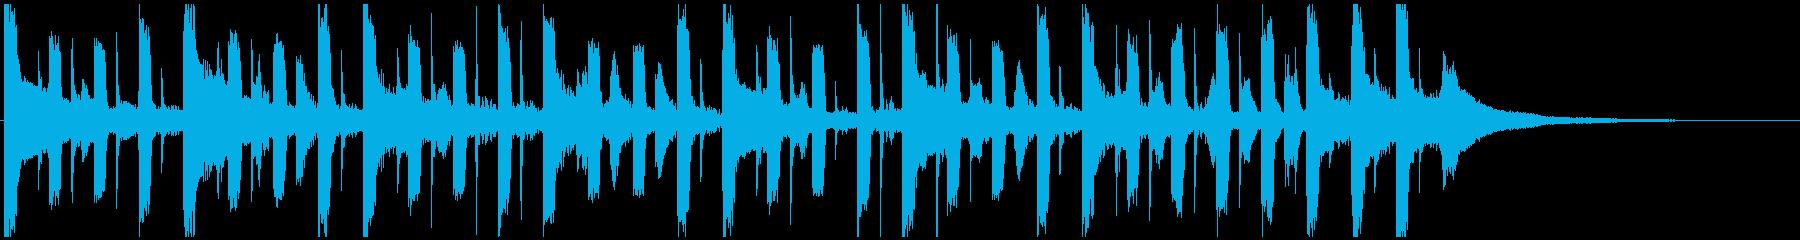 ガイダンス・オリエンテーションジングルCの再生済みの波形